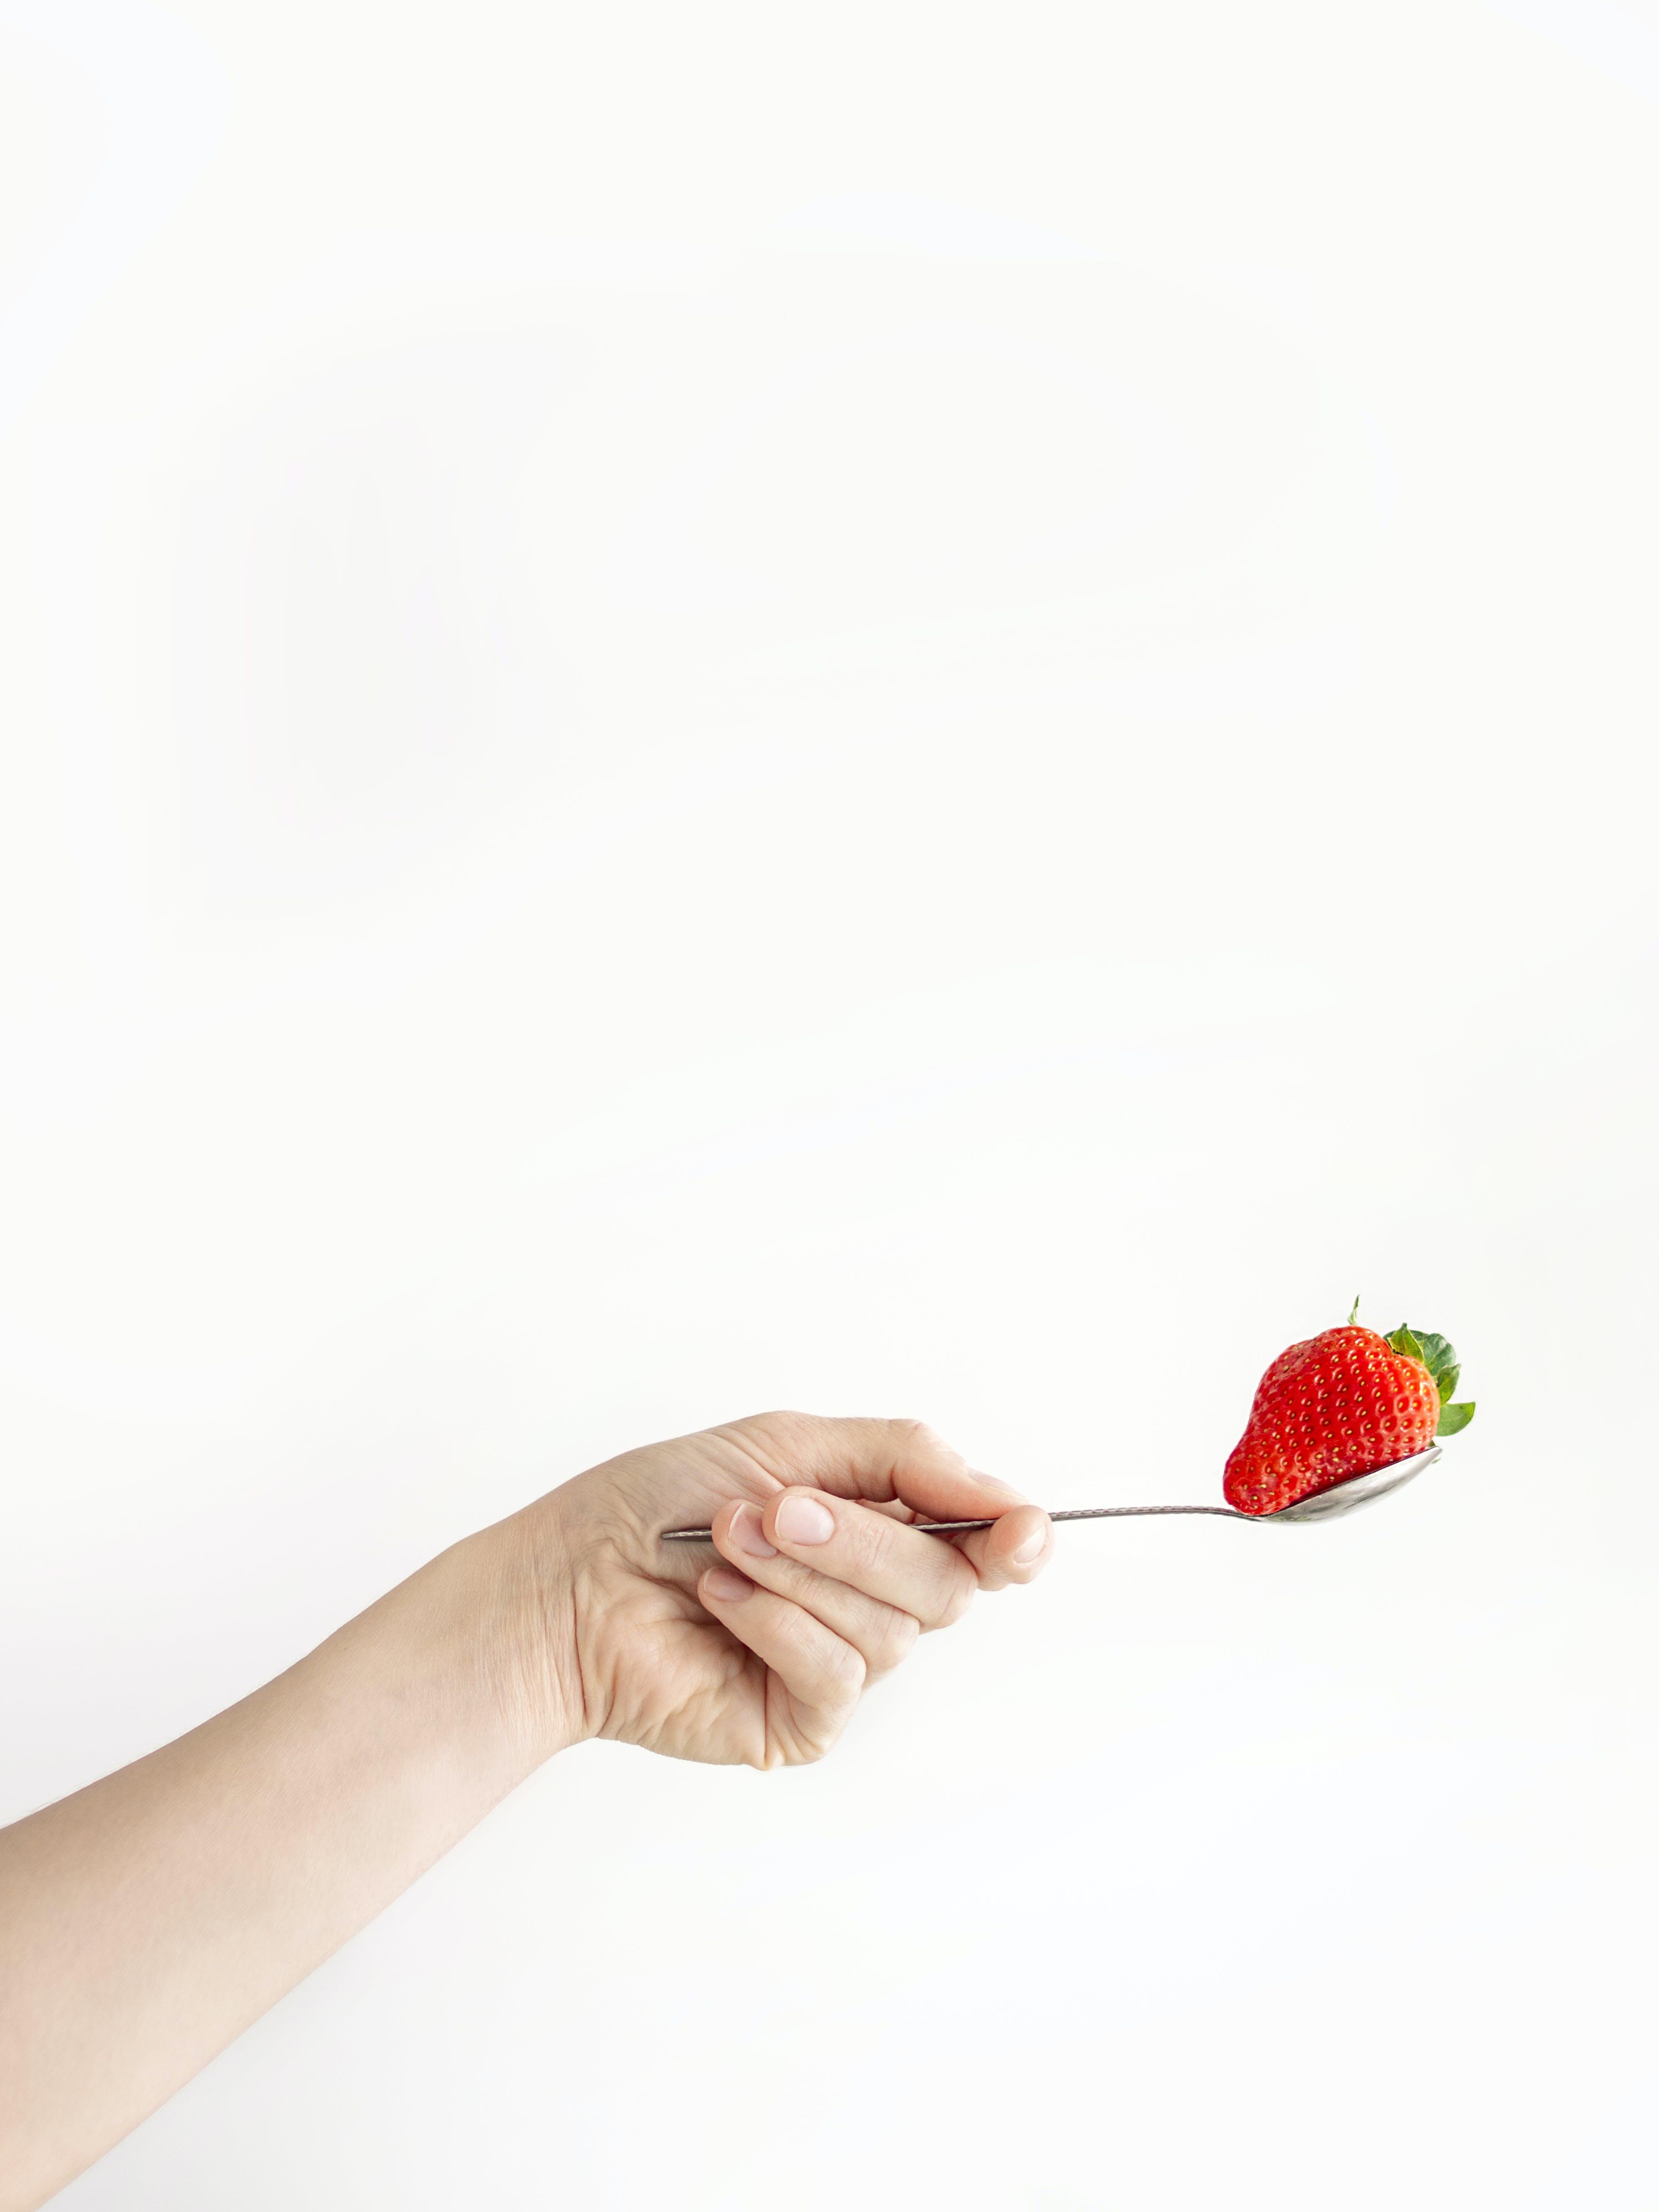 Gratis lagerfoto af bær, delikat, frisk frugt, friskhed